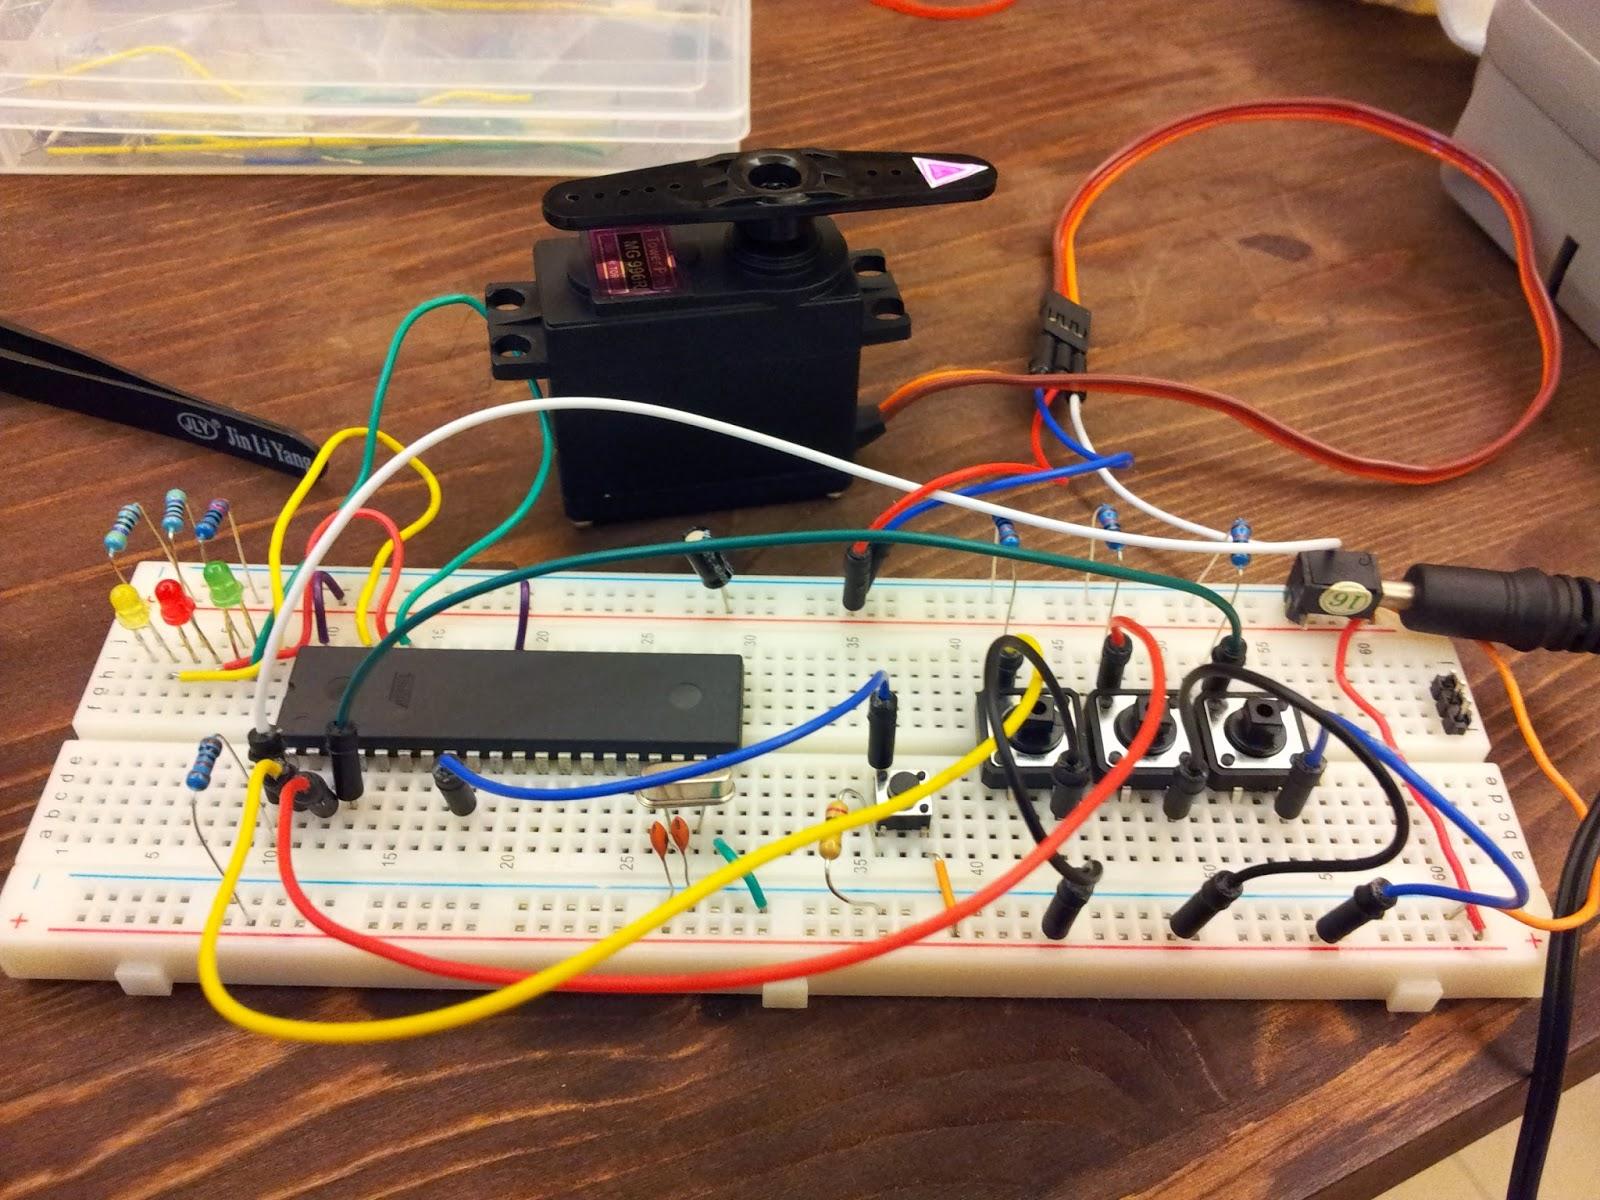 Embedded & Electrical Engineering - YongJie Huang's Lab